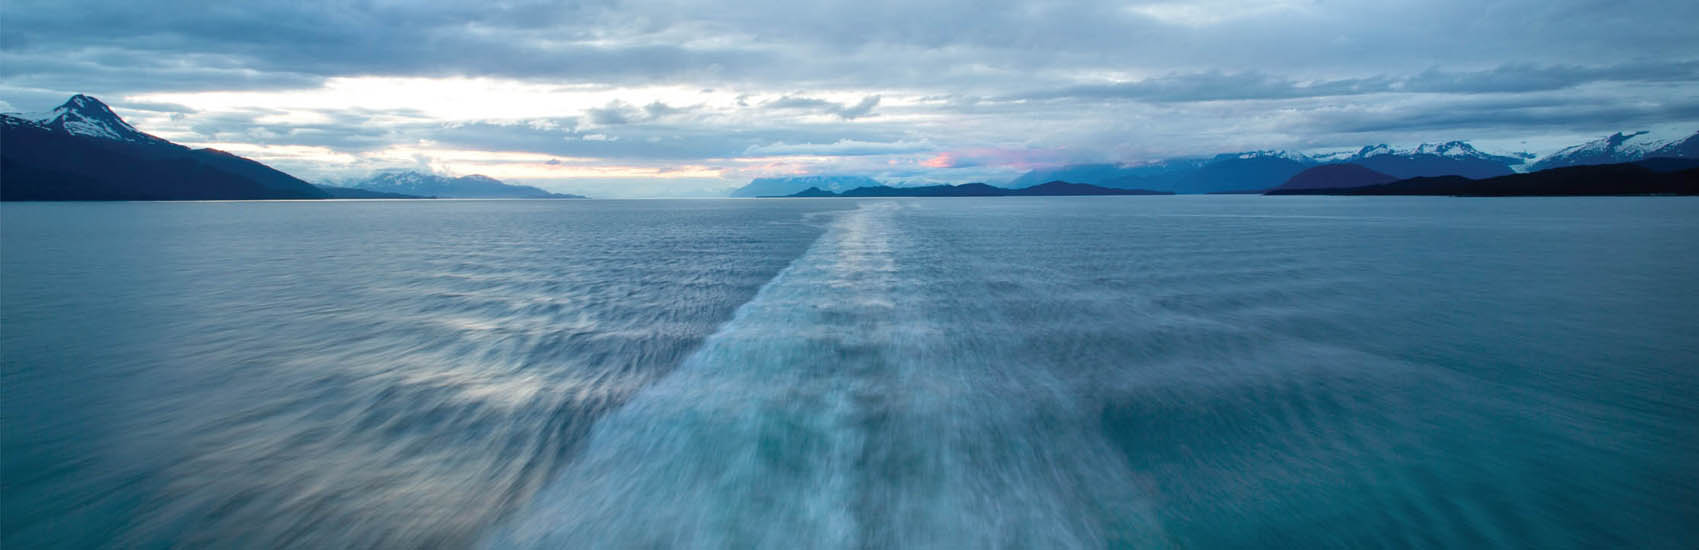 Économisez sur votre prochaine aventure avec Oceania Cruises 4